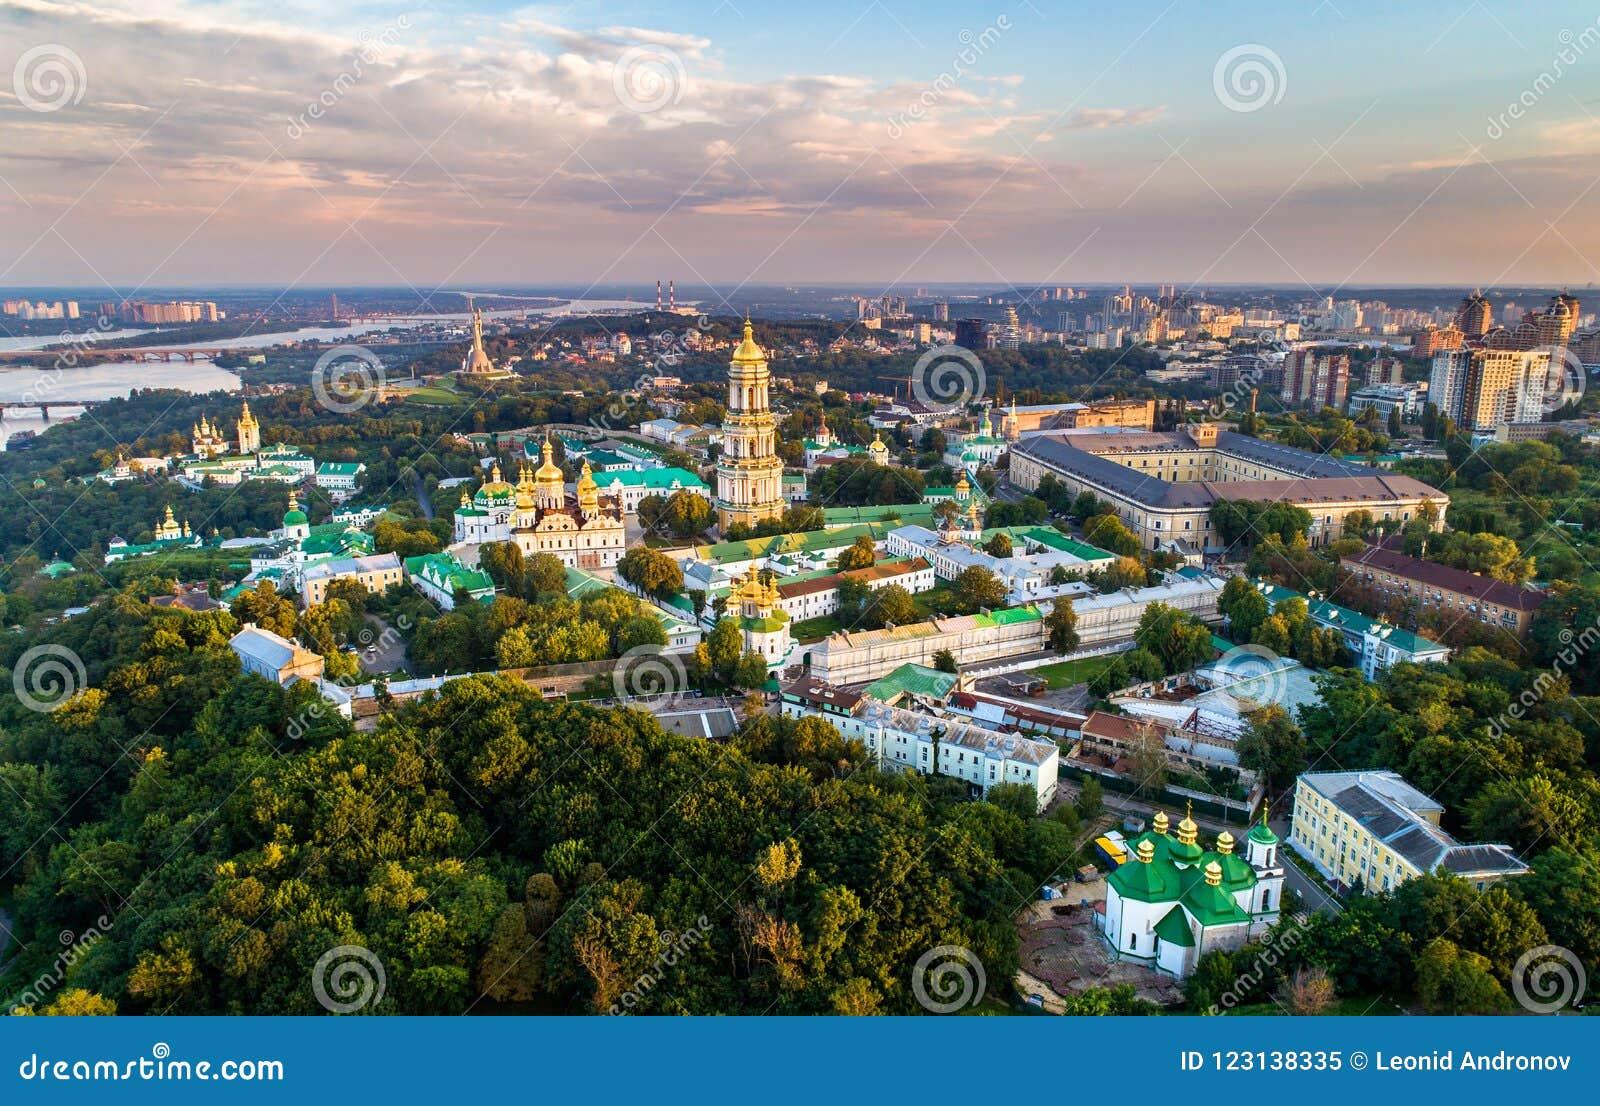 Vista aérea de Pechersk Lavra em Kiev, a capital de Ucrânia